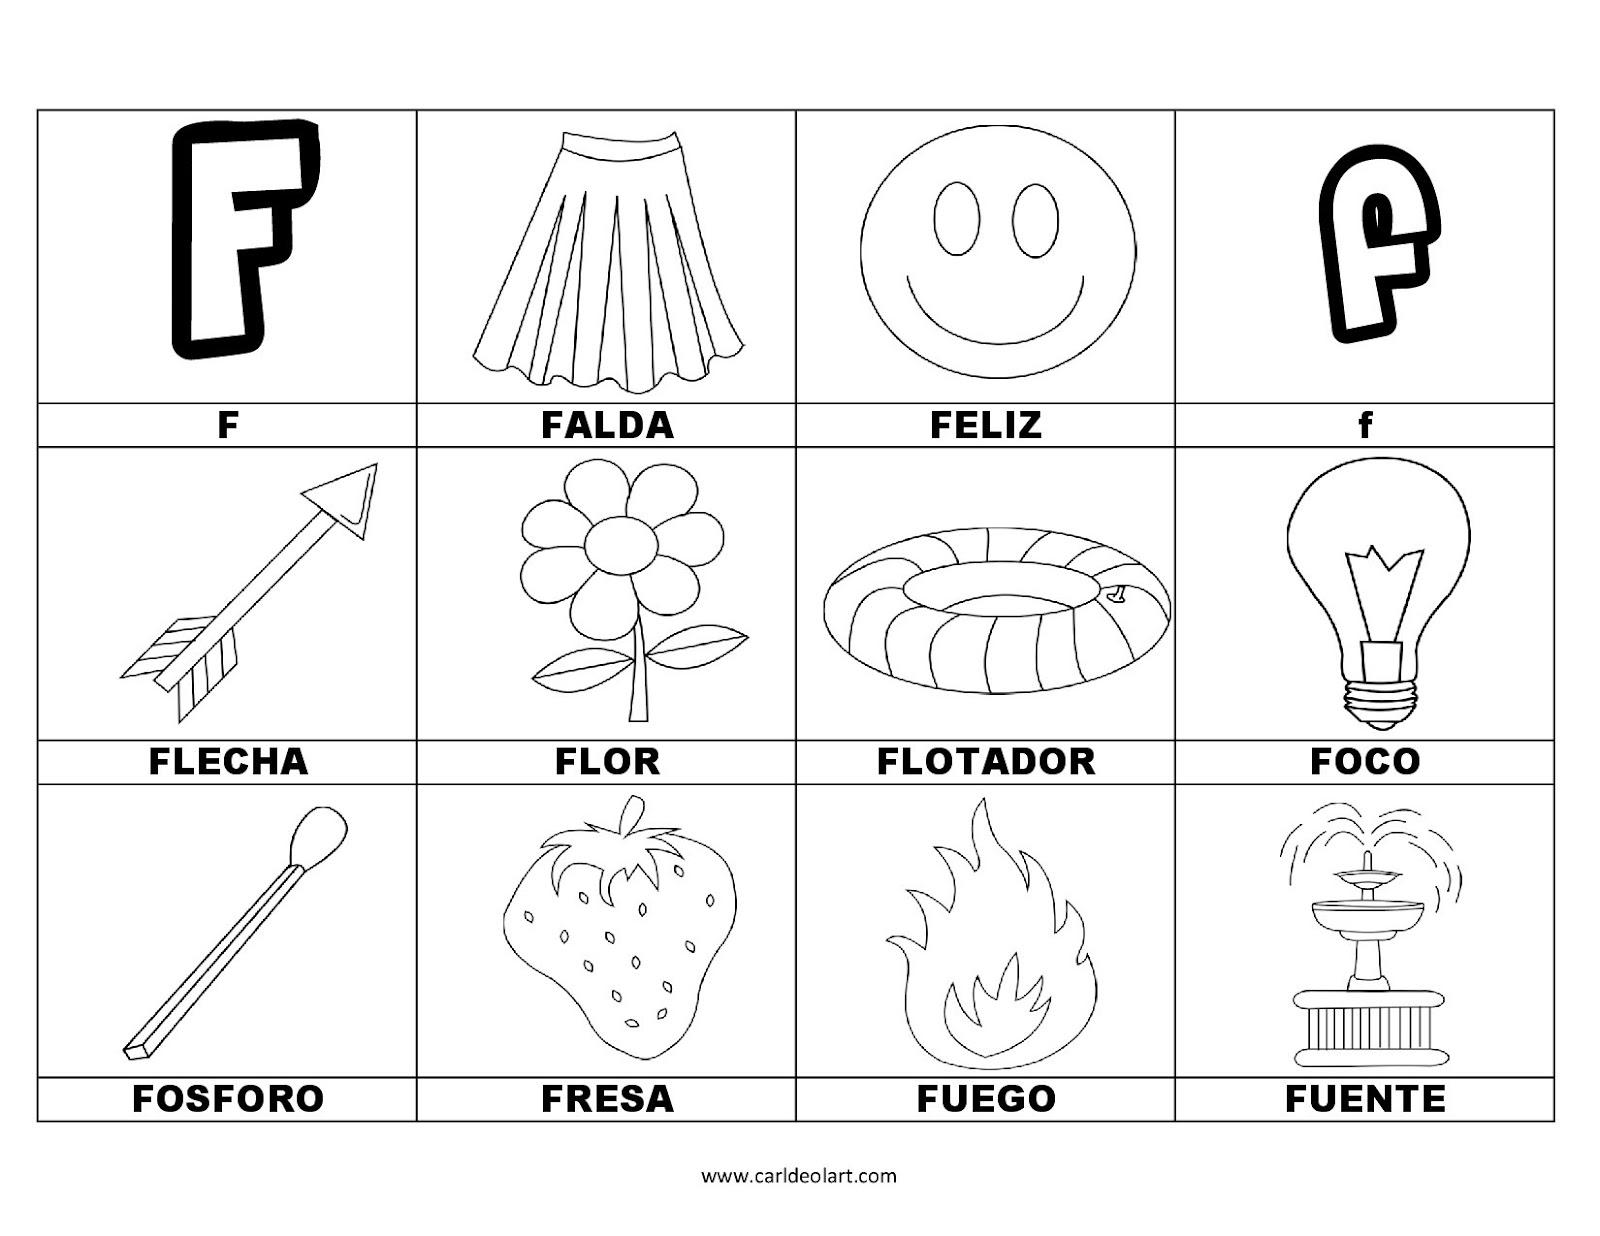 Dibujos Para Colorear Palabras Con F Dibujospacolorearcom